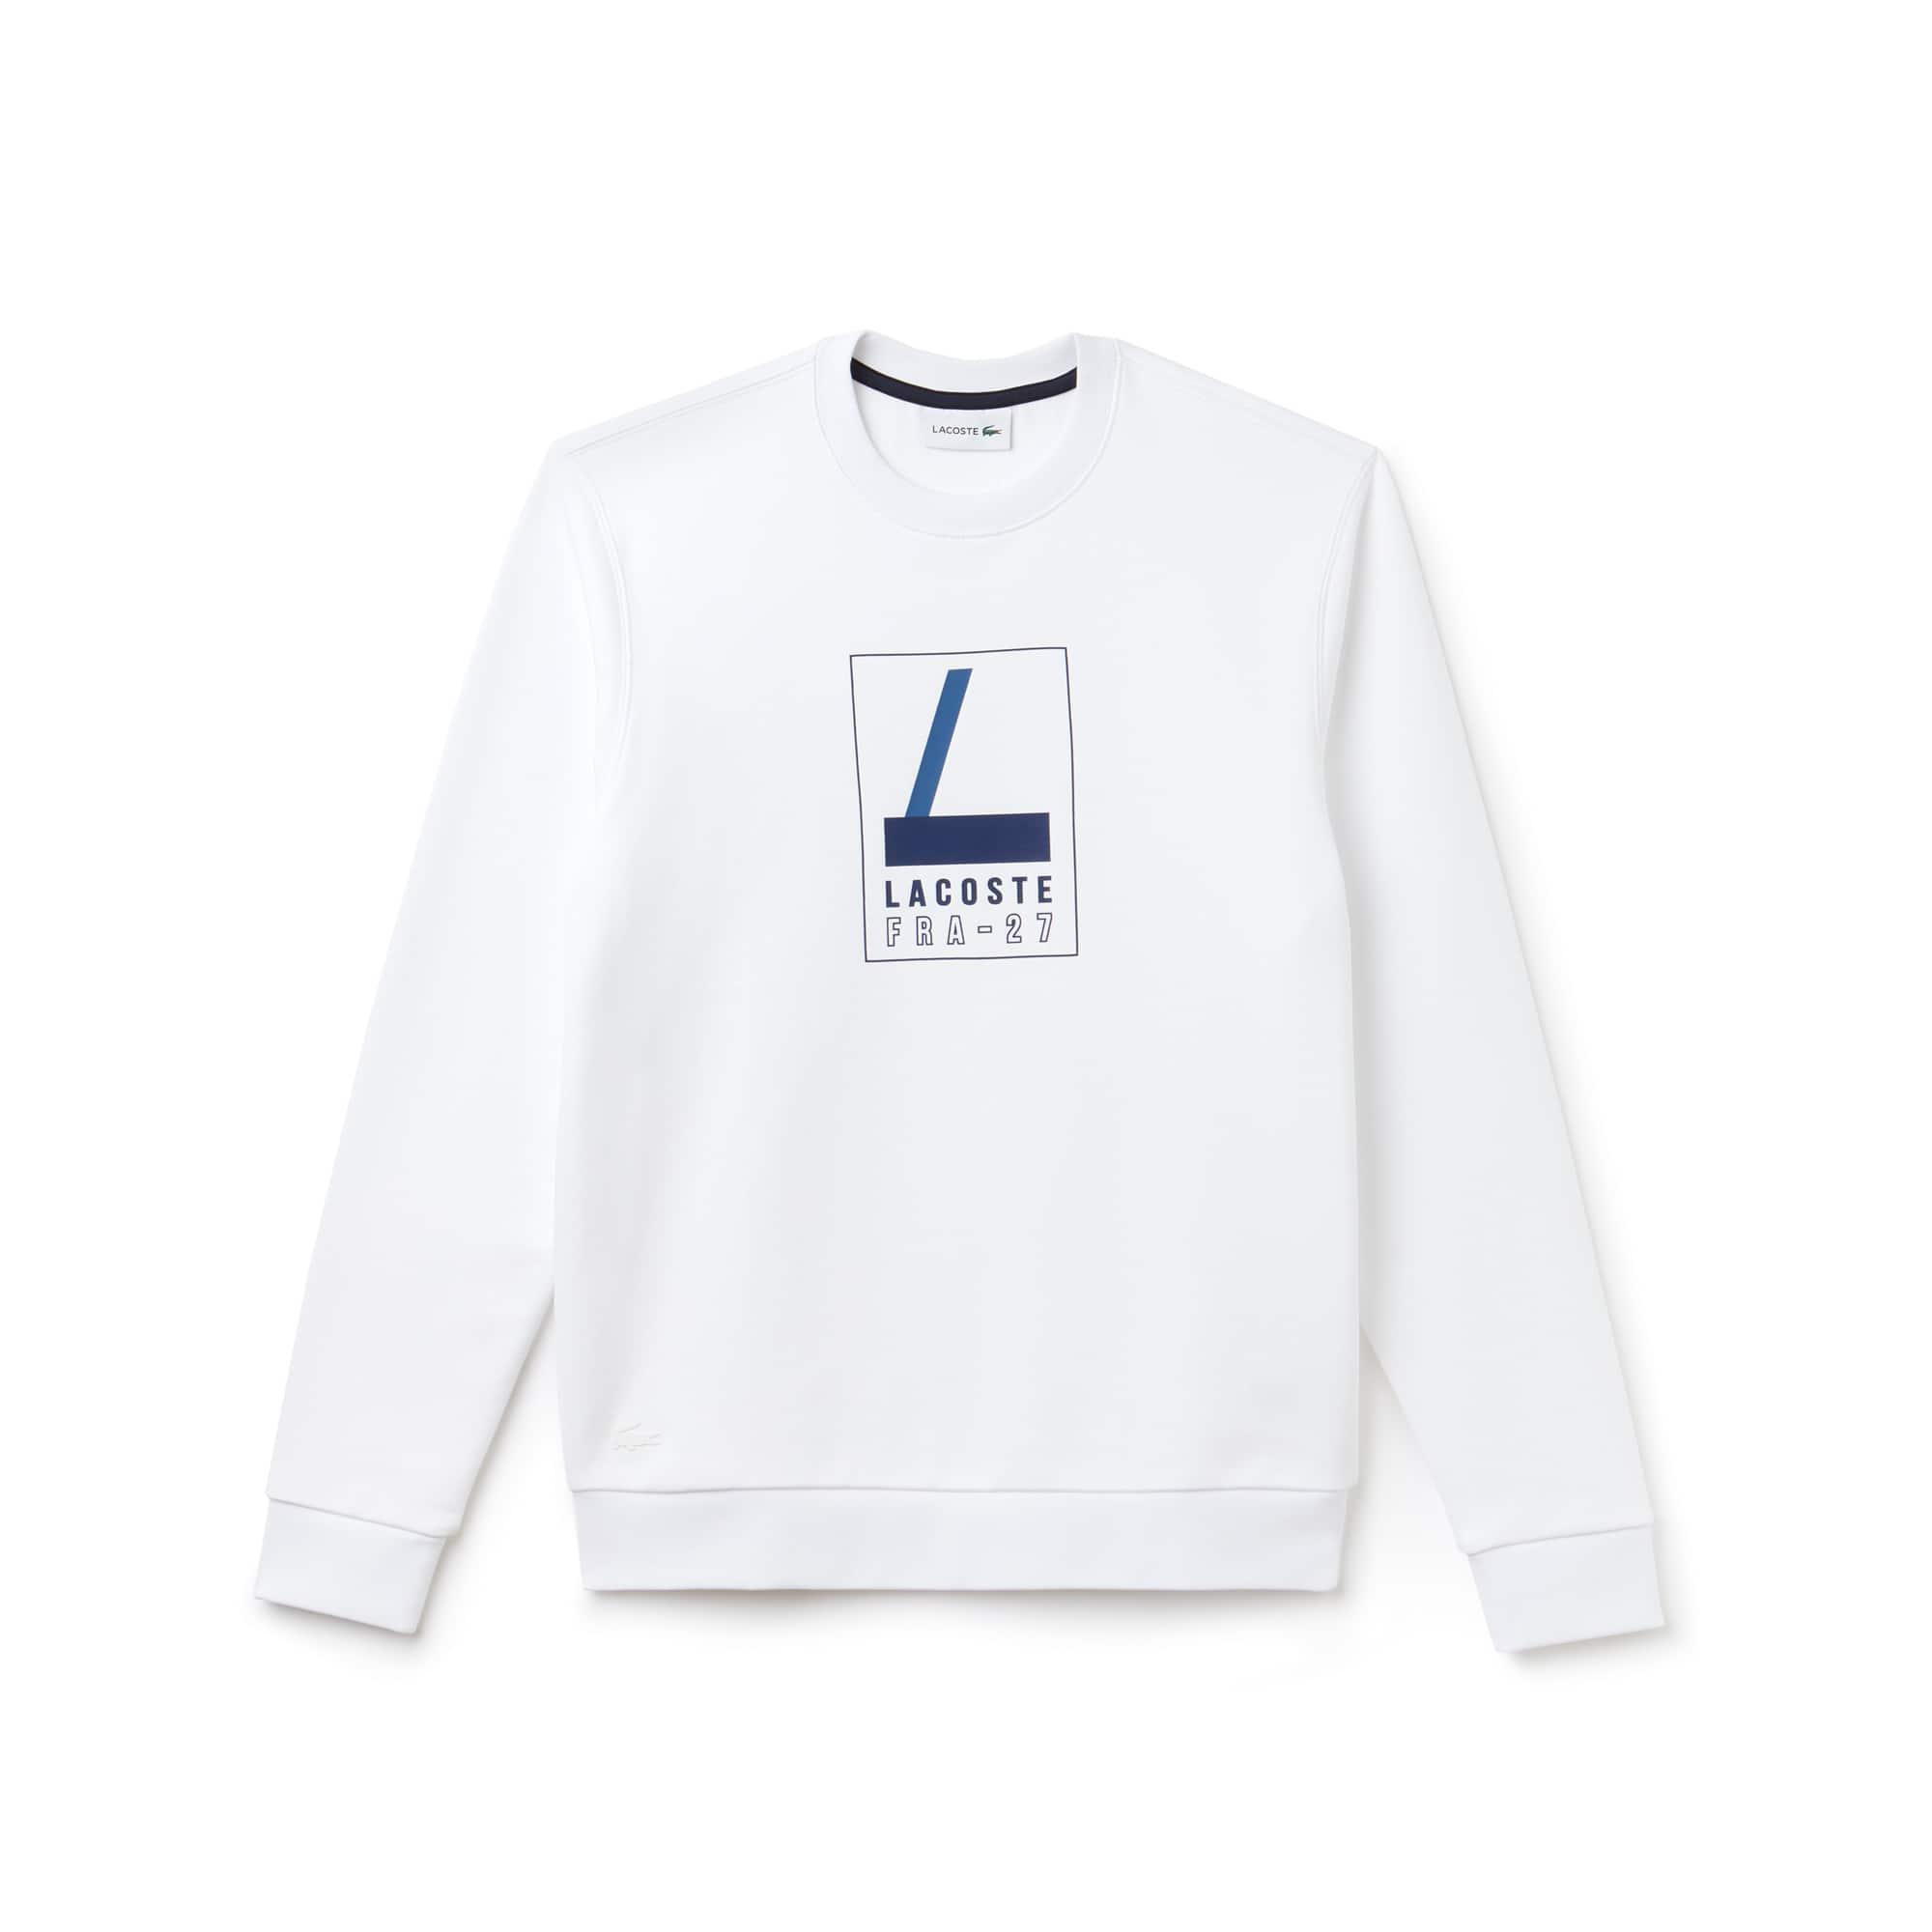 Sweatshirt com decote redondo em moletão com impressão Lacoste